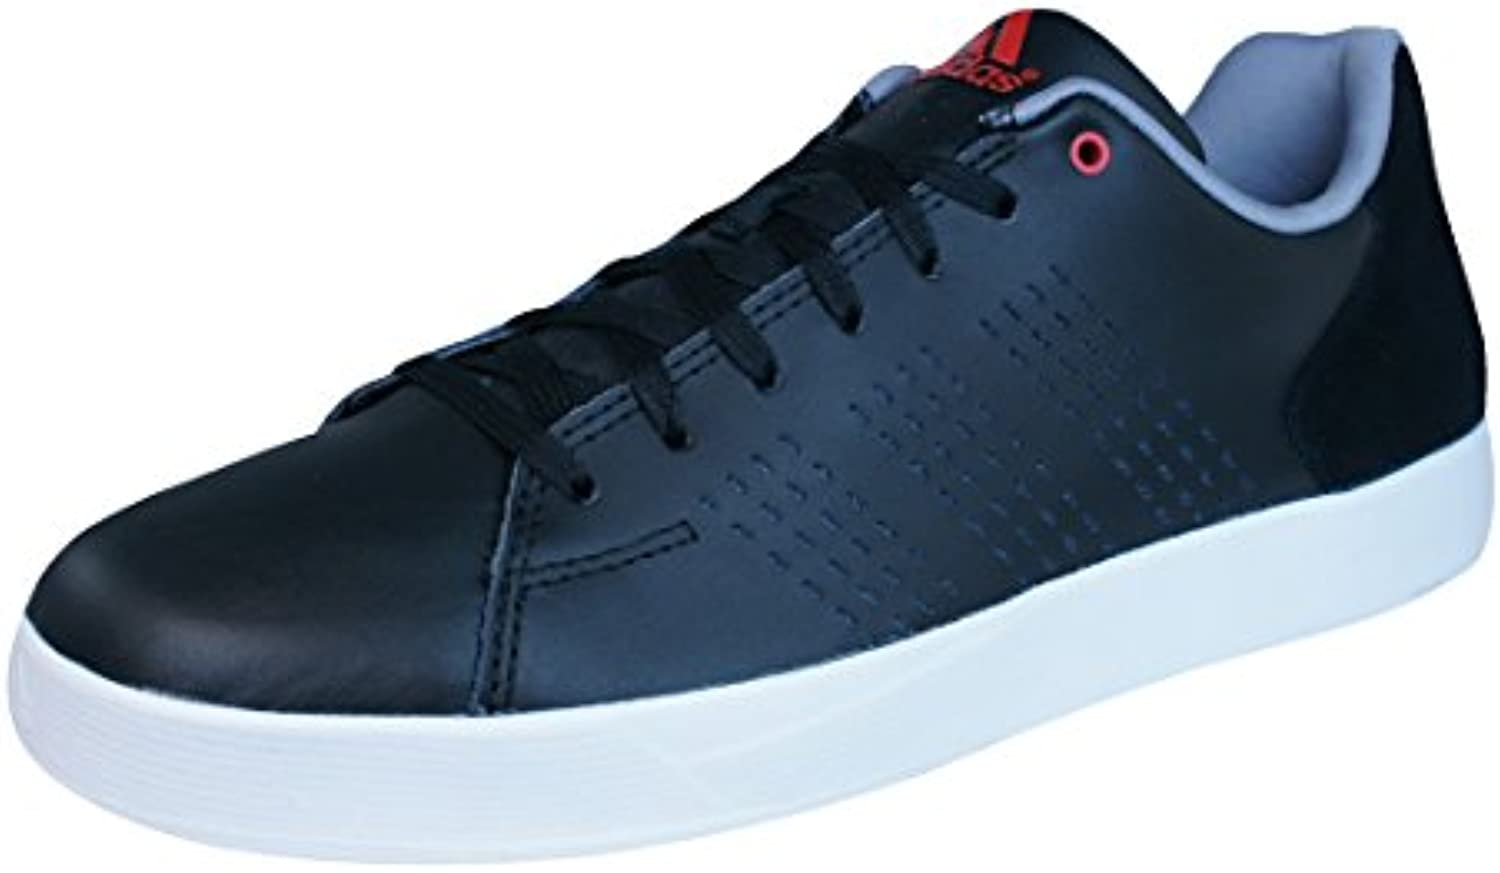 Adidas Herren Derrick Rose Seeufer d73925 Sneakers Einheitsgröße